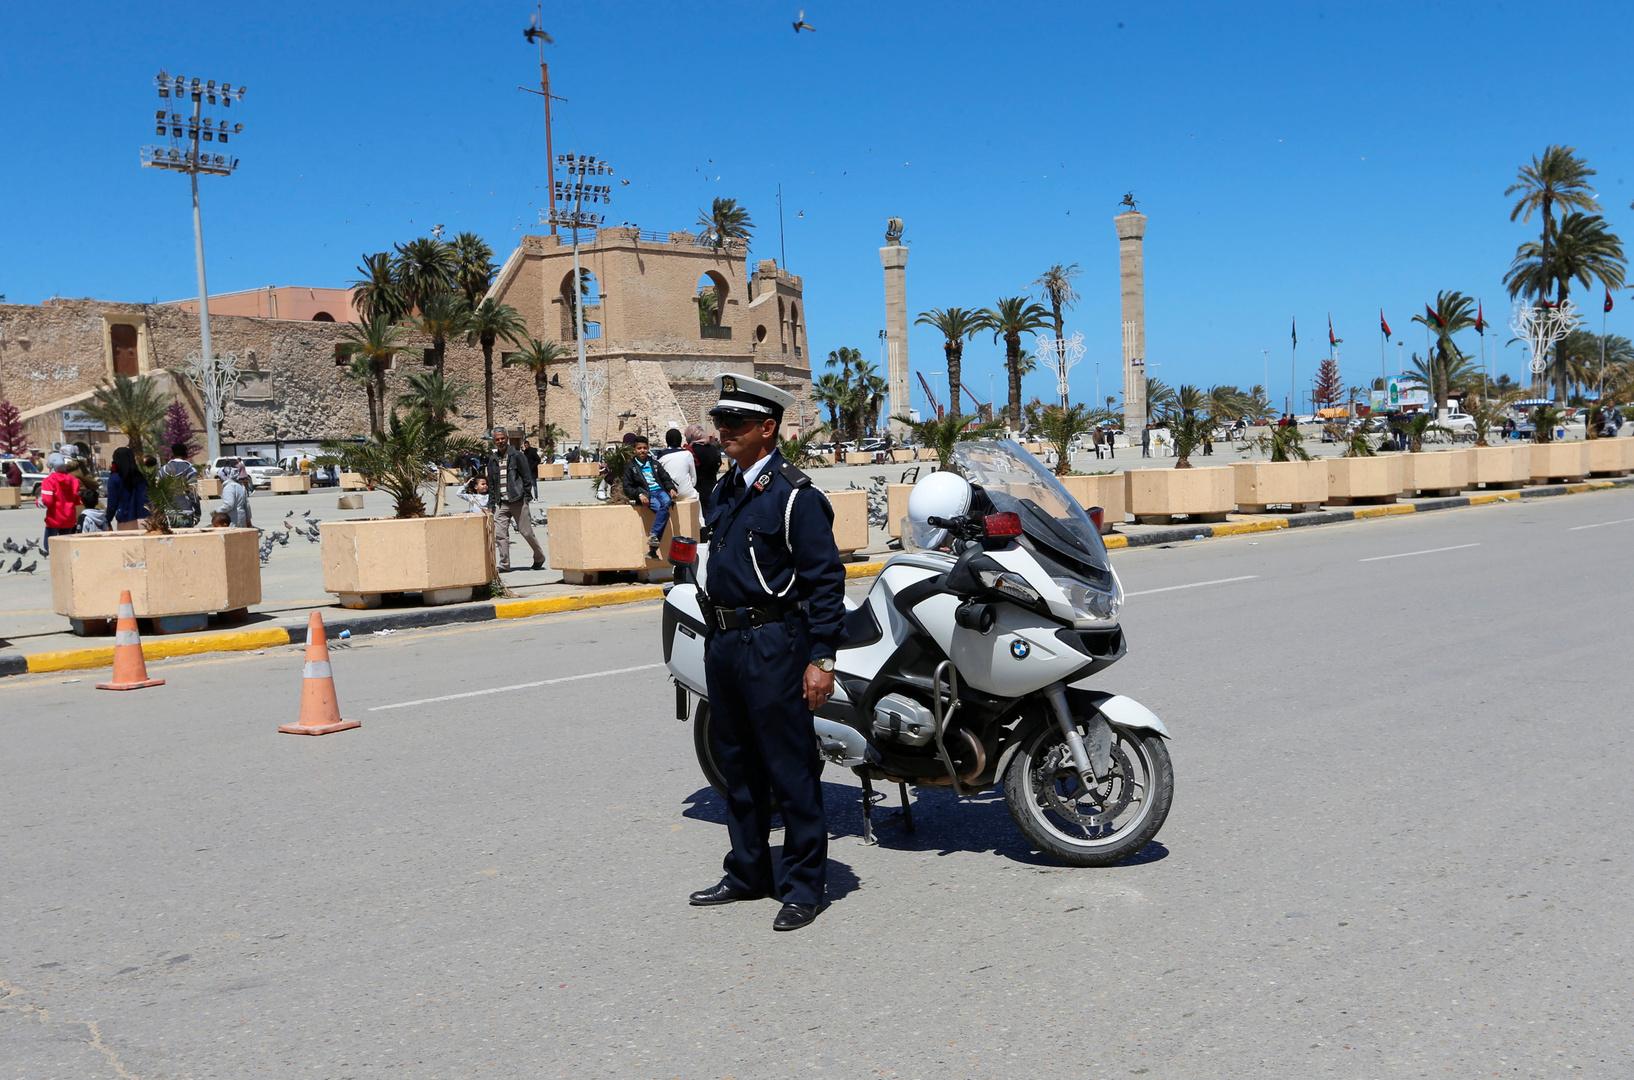 المدعي العام  الليبي يحيل موظفين بوزارة الخارجية إلى المحكمة بتهمة الحصول على معلومات سرية